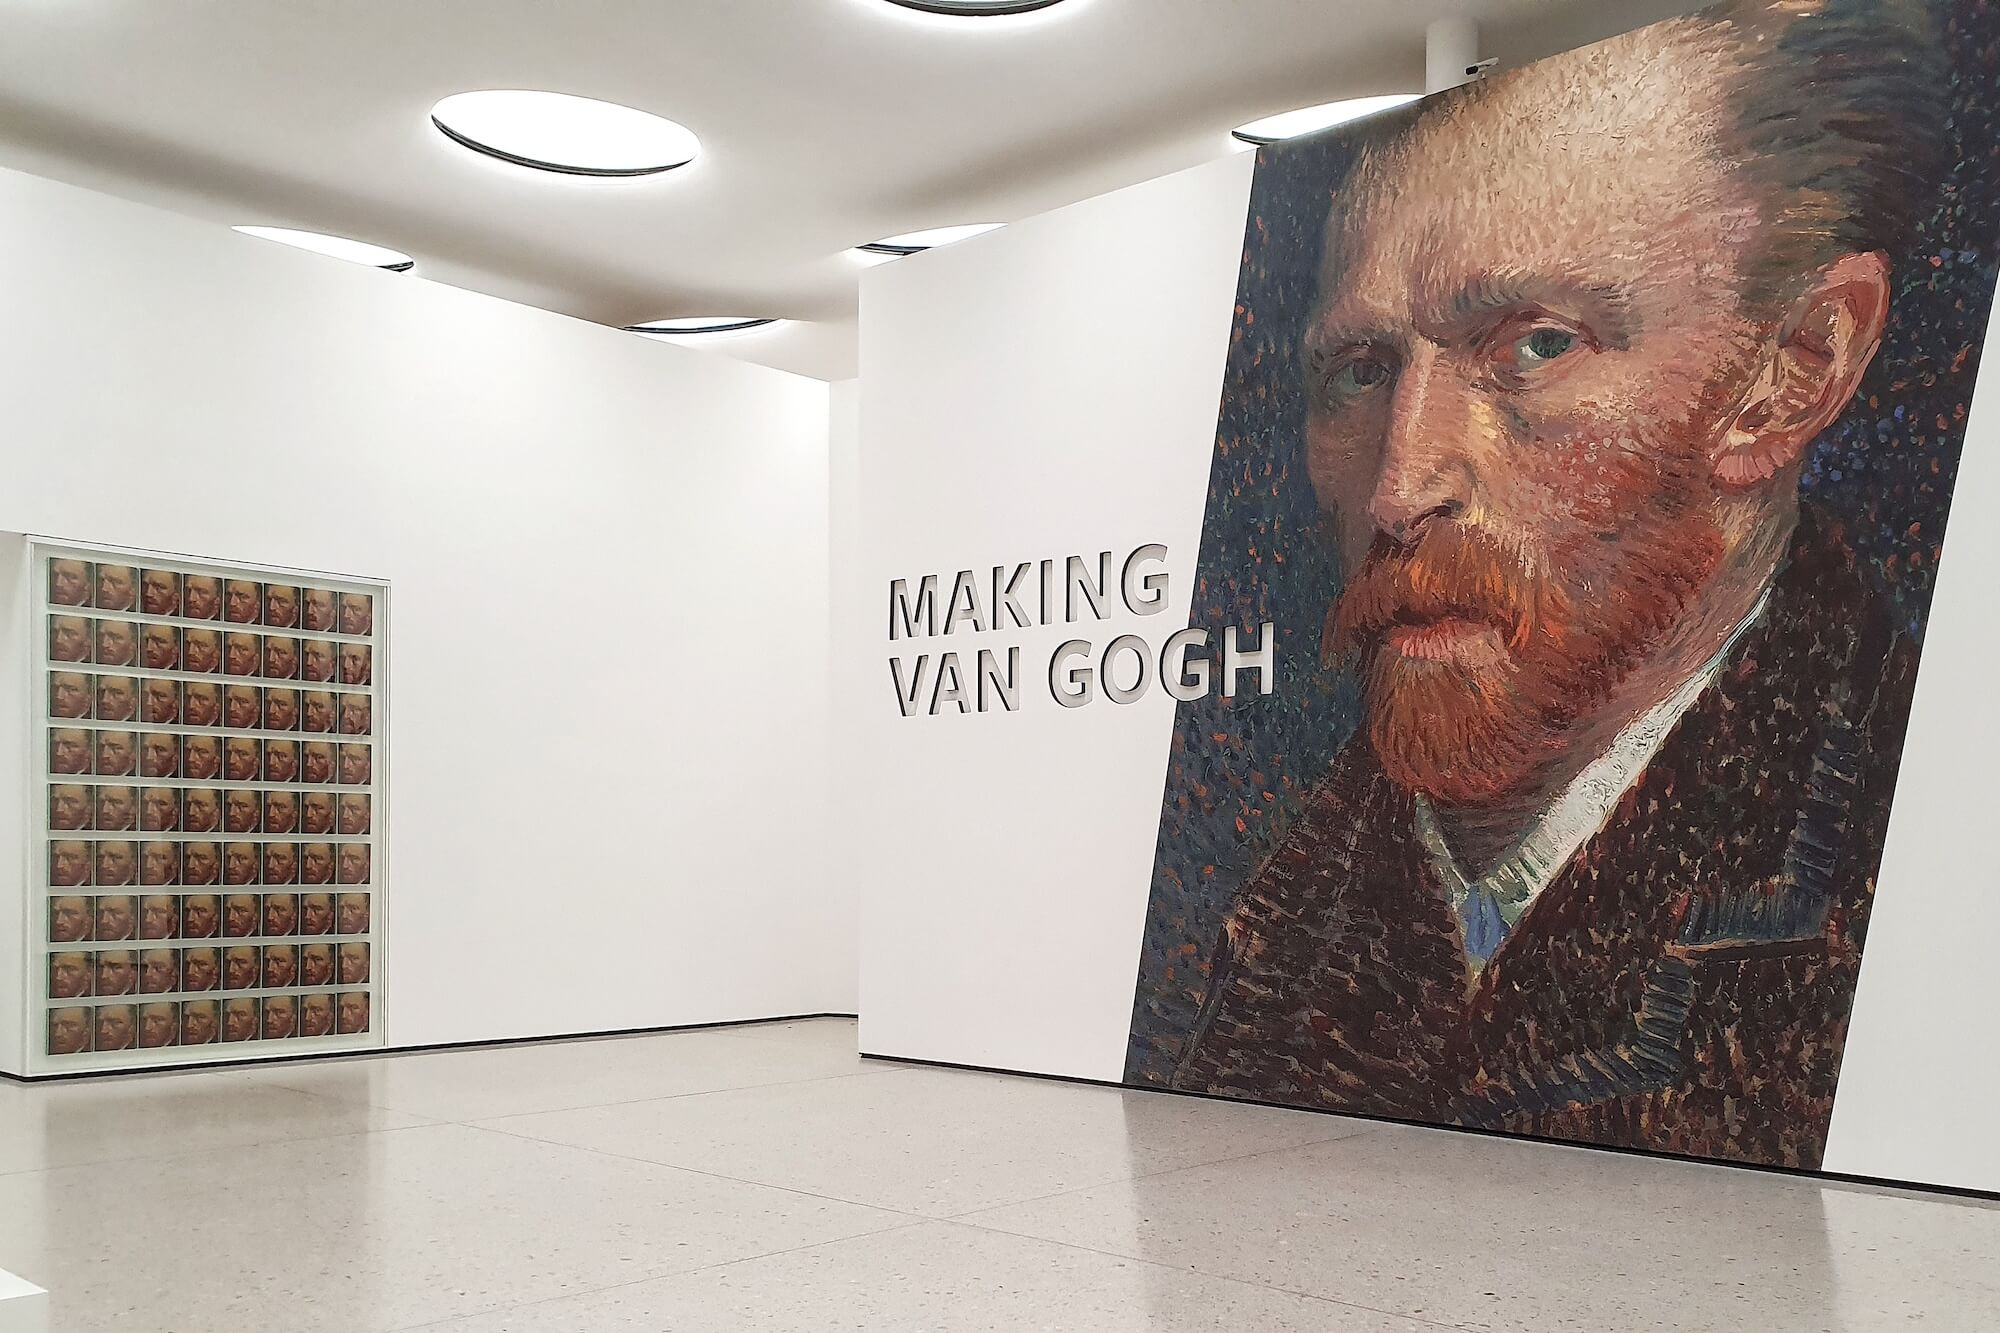 """Die Ausstellung """"Making Van Gogh"""" im Städel Museum zeigt, warum der Künstler in Deutschland so bekannt wurde und welchen Einfluss er auf andere Künstler hatte"""